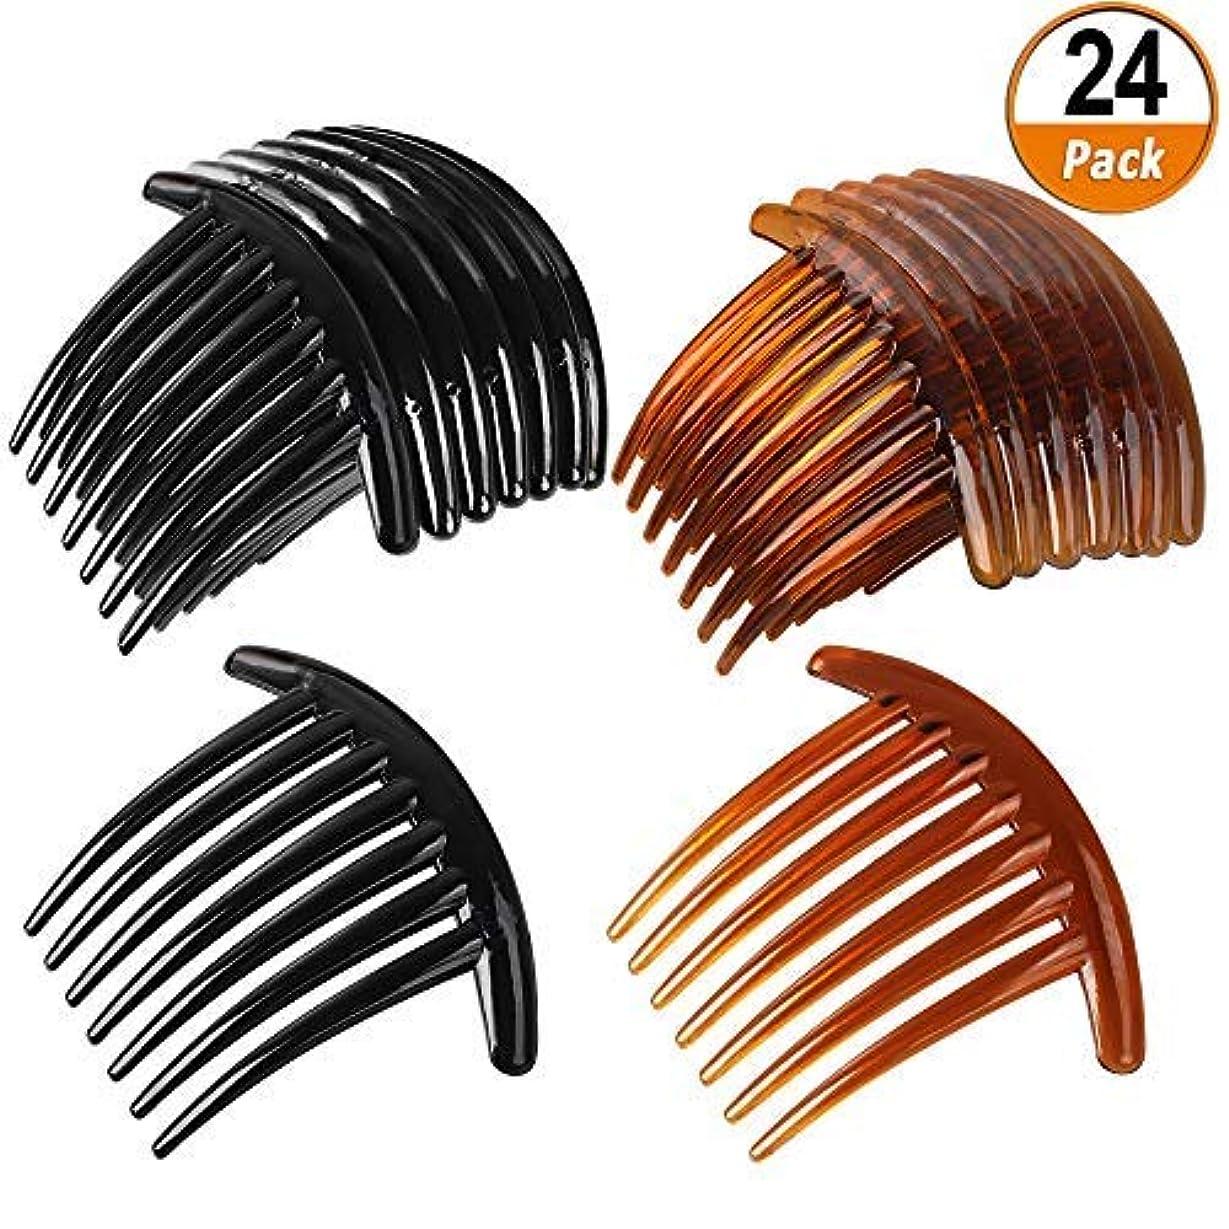 あたり代わりの待つ24 PCS 7 Tooth French Twist Comb Plastic Hair Clip Hair Side Combs Hair Accessory for Women Girls (Black and Brown...